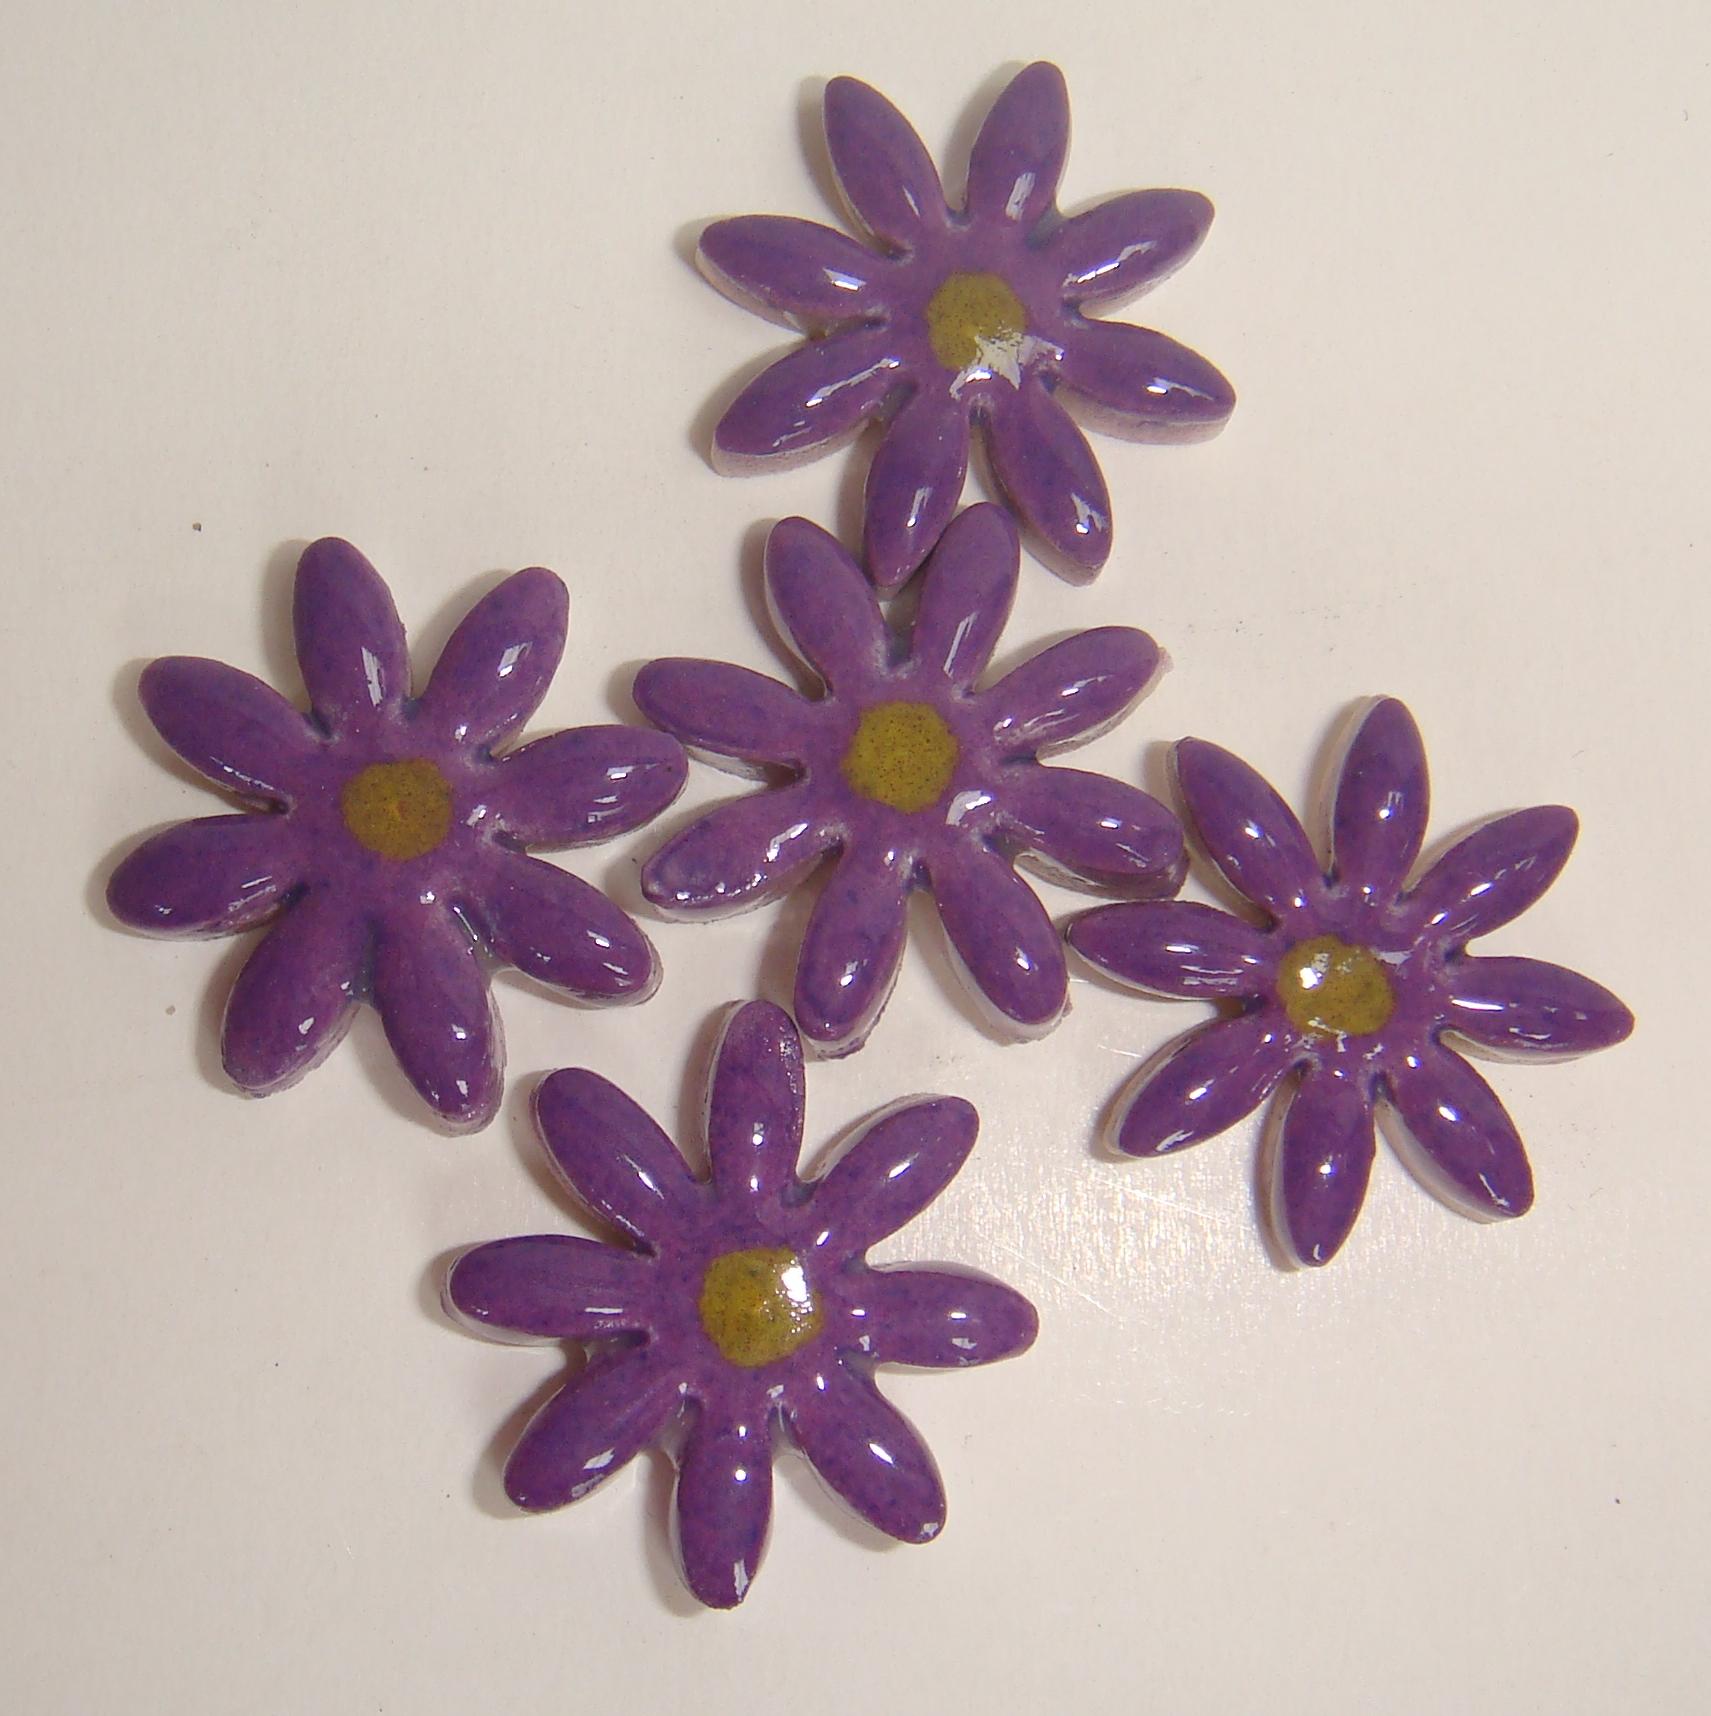 FLO-004 Daisy Small Purple